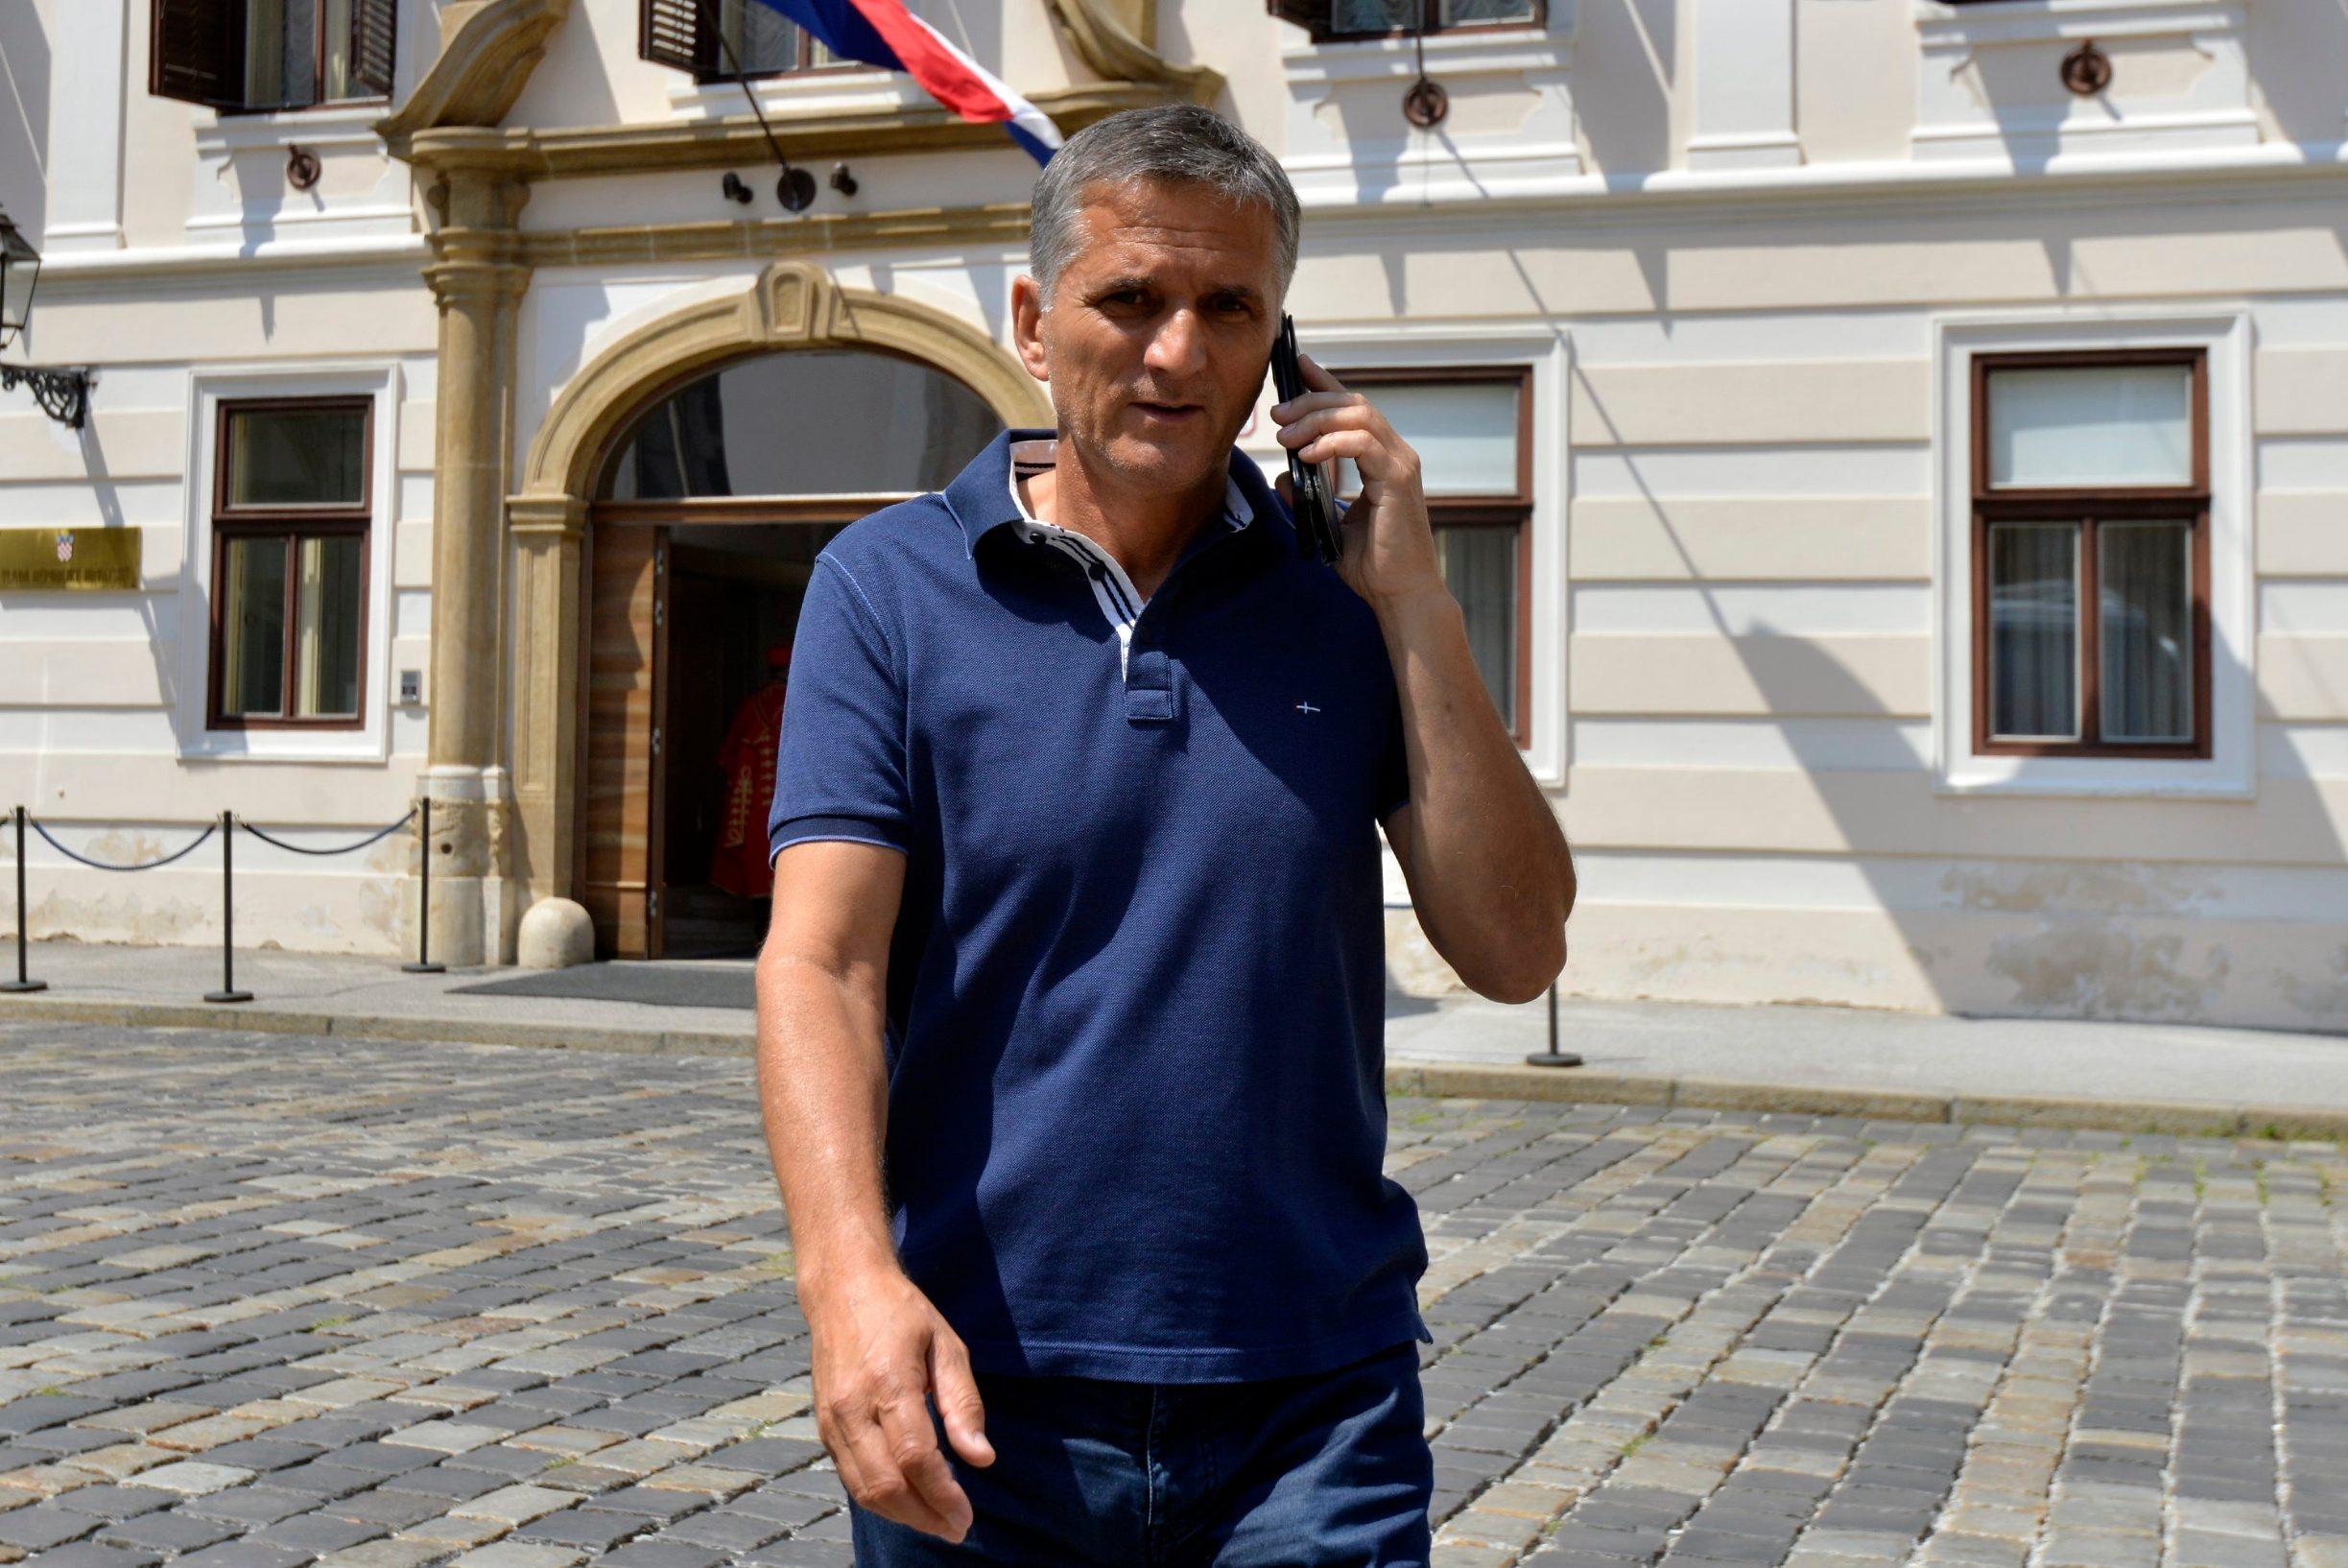 Goran Marić na izlasku iz Banskih dvora nakon sastanka s premijerom Plenkovićem